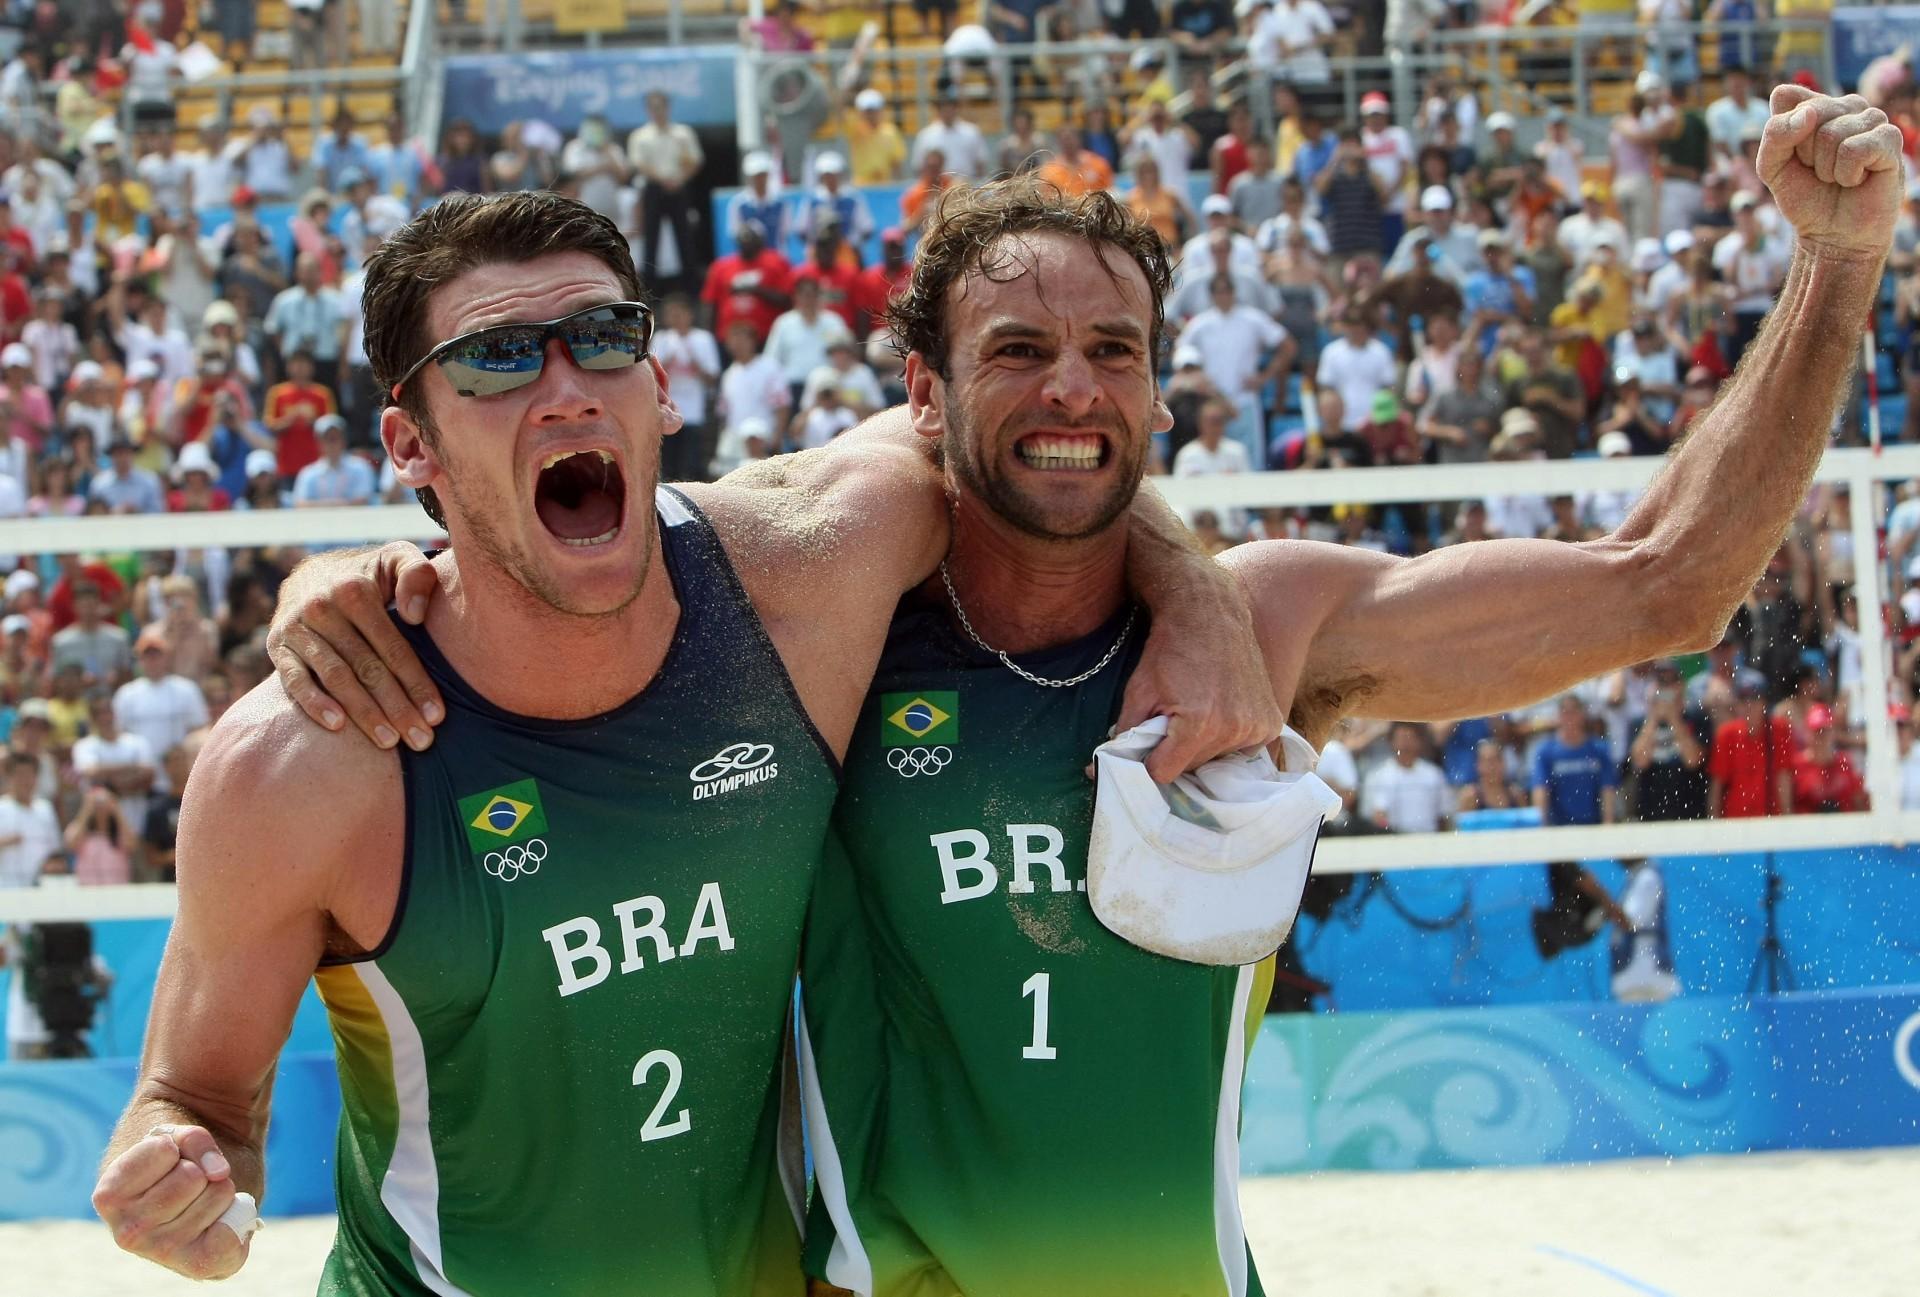 Márcio Araújo e Fabio Luiz comemoram a vitória sobre Ricardo e Emanuel durante as Olimpíadas de Pequim, em 2008 no Chaoyang Park Beach em 20/08/2008 ( AFP PHOTO / THOMAS COEX)(Foto: THOMAS COEX / AFP)